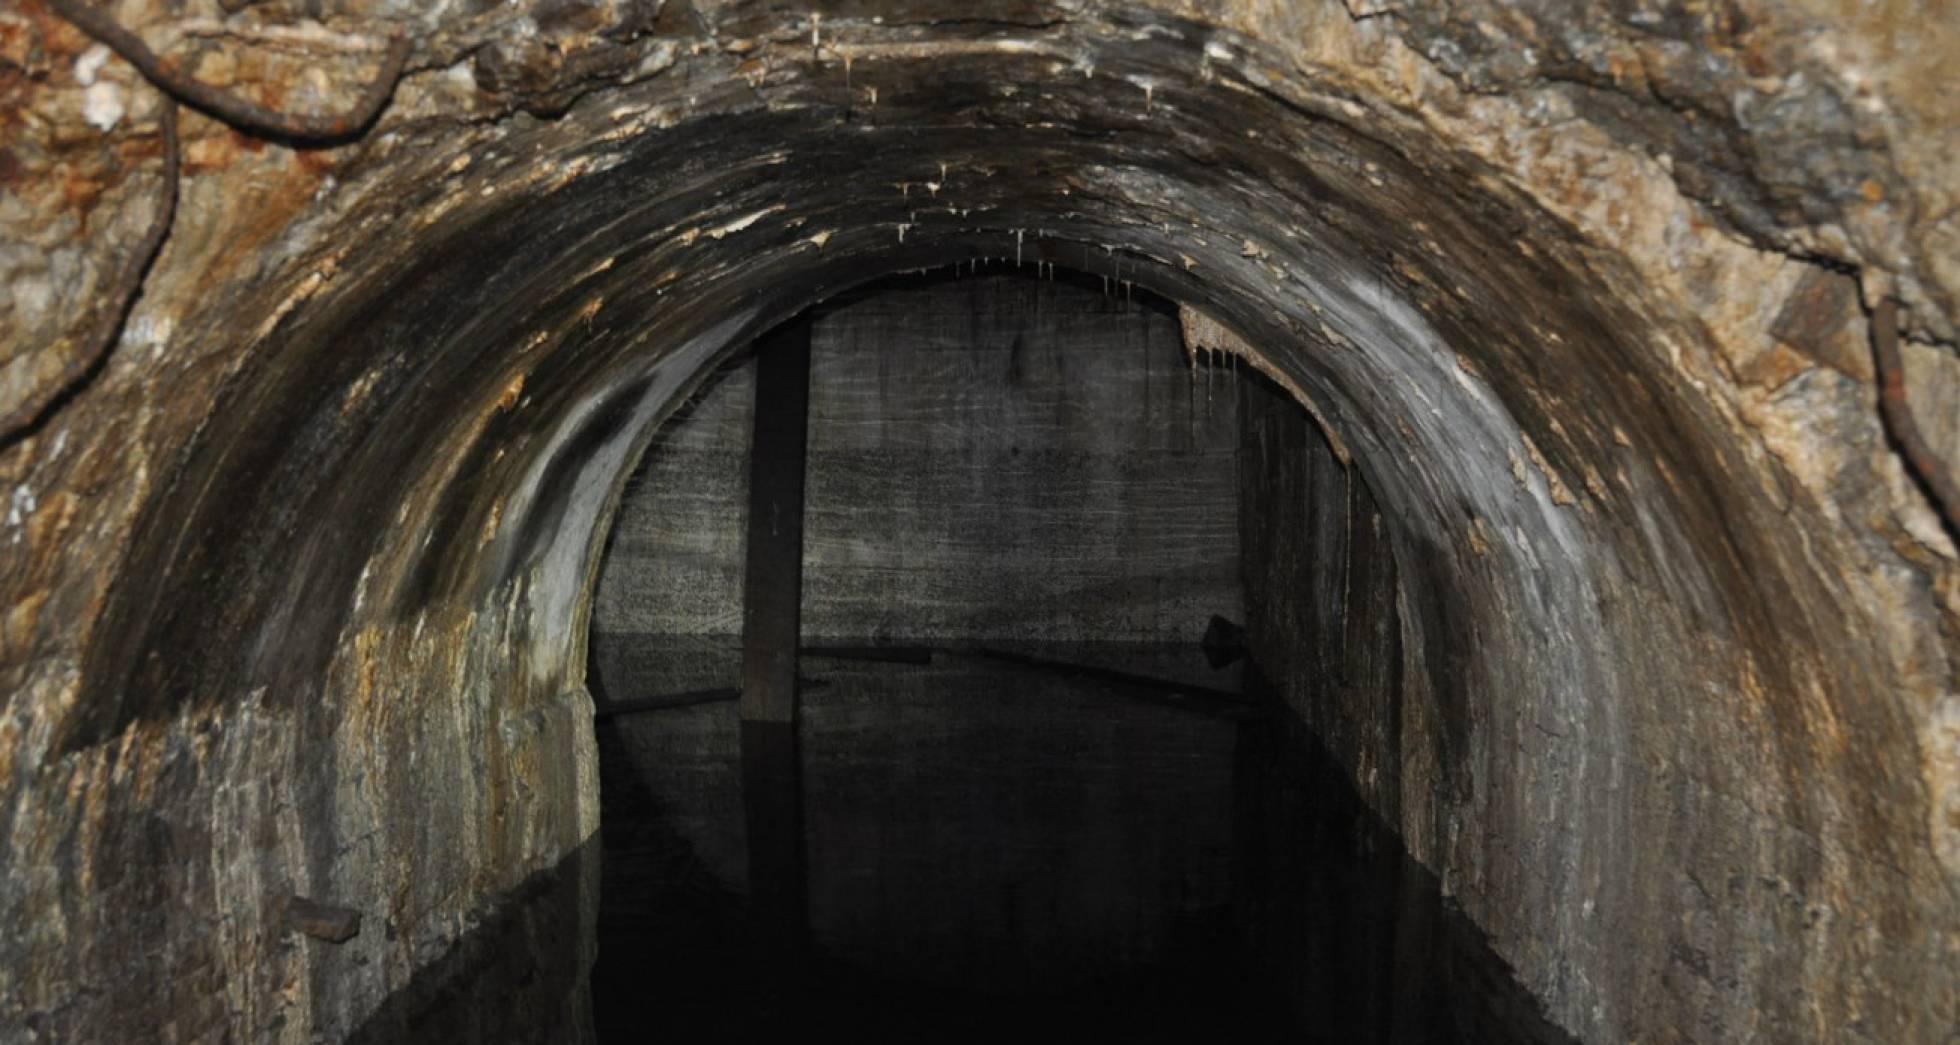 Археологи обнаружили начало туннеля несуществующей линии метро в Барселоне